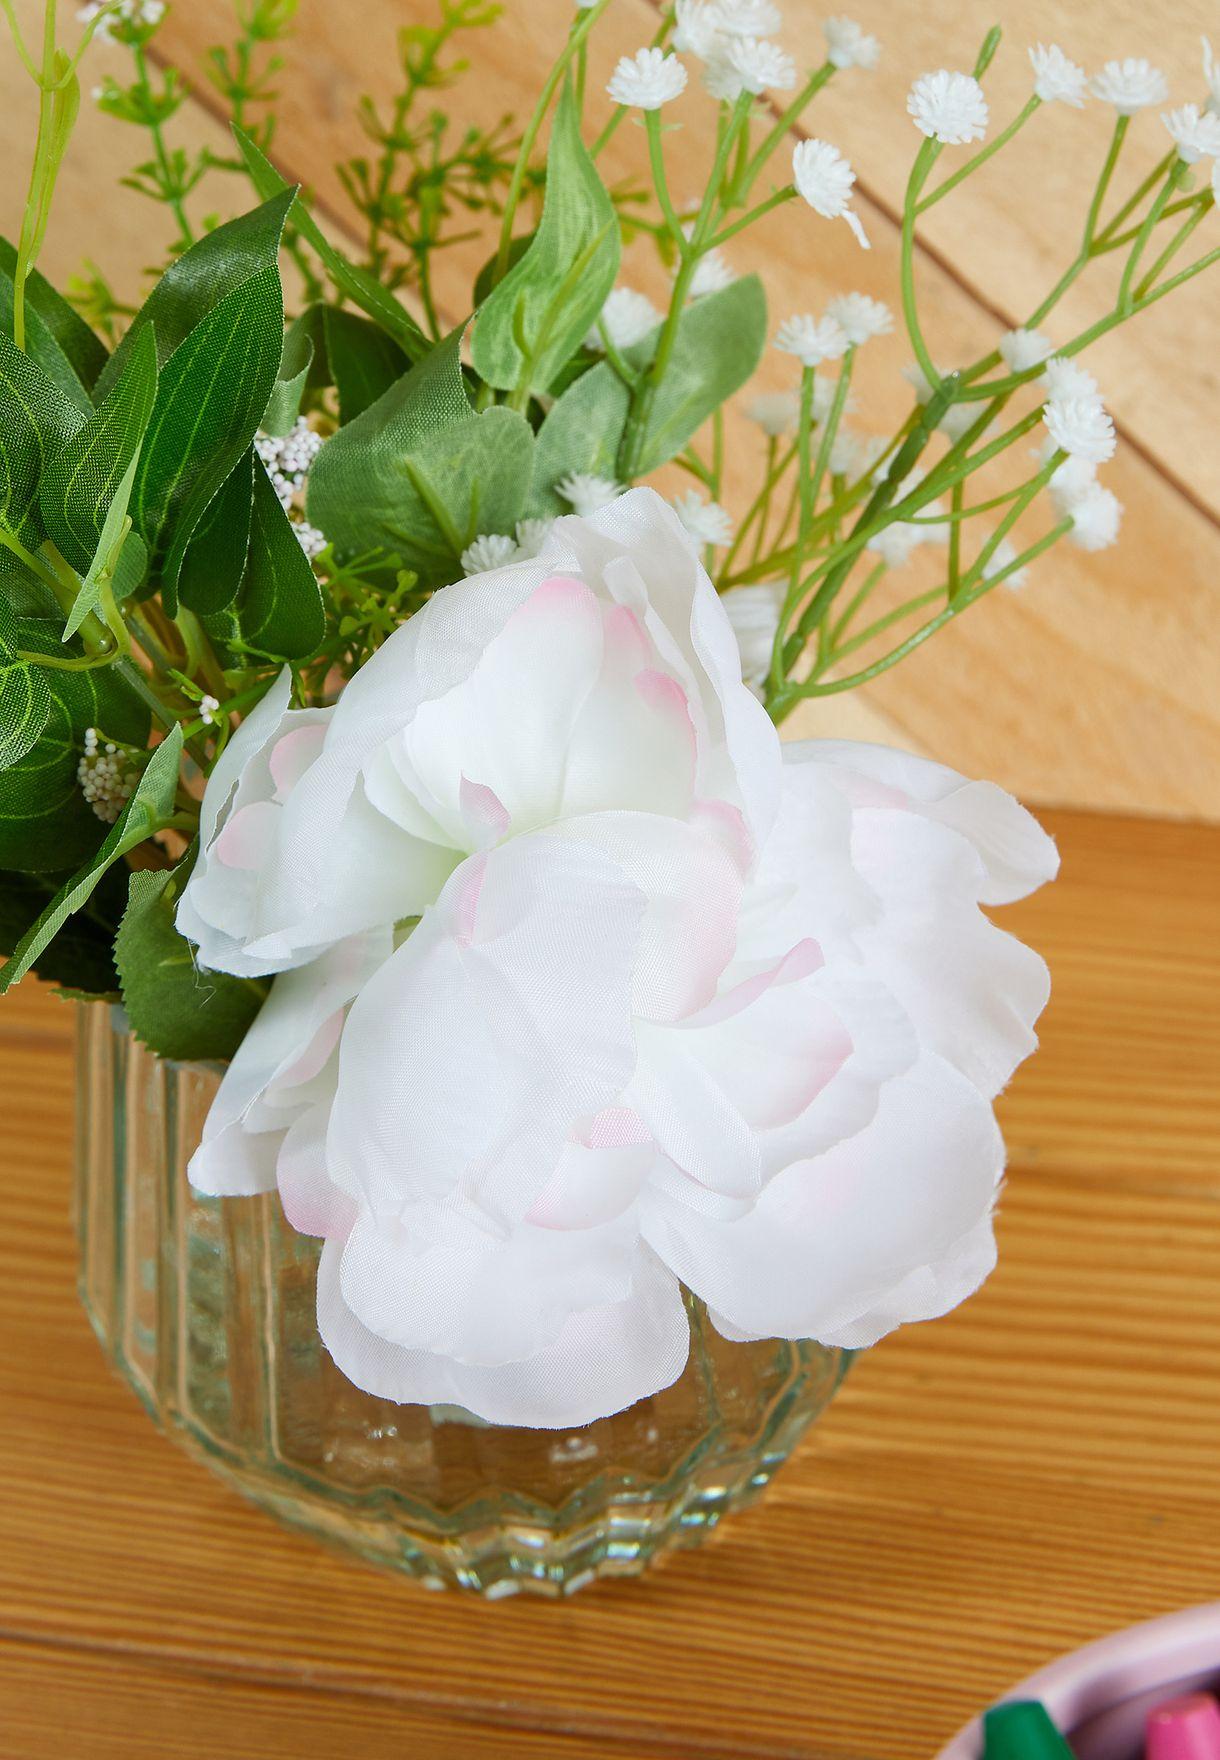 مزهرية بورود بوني صناعية